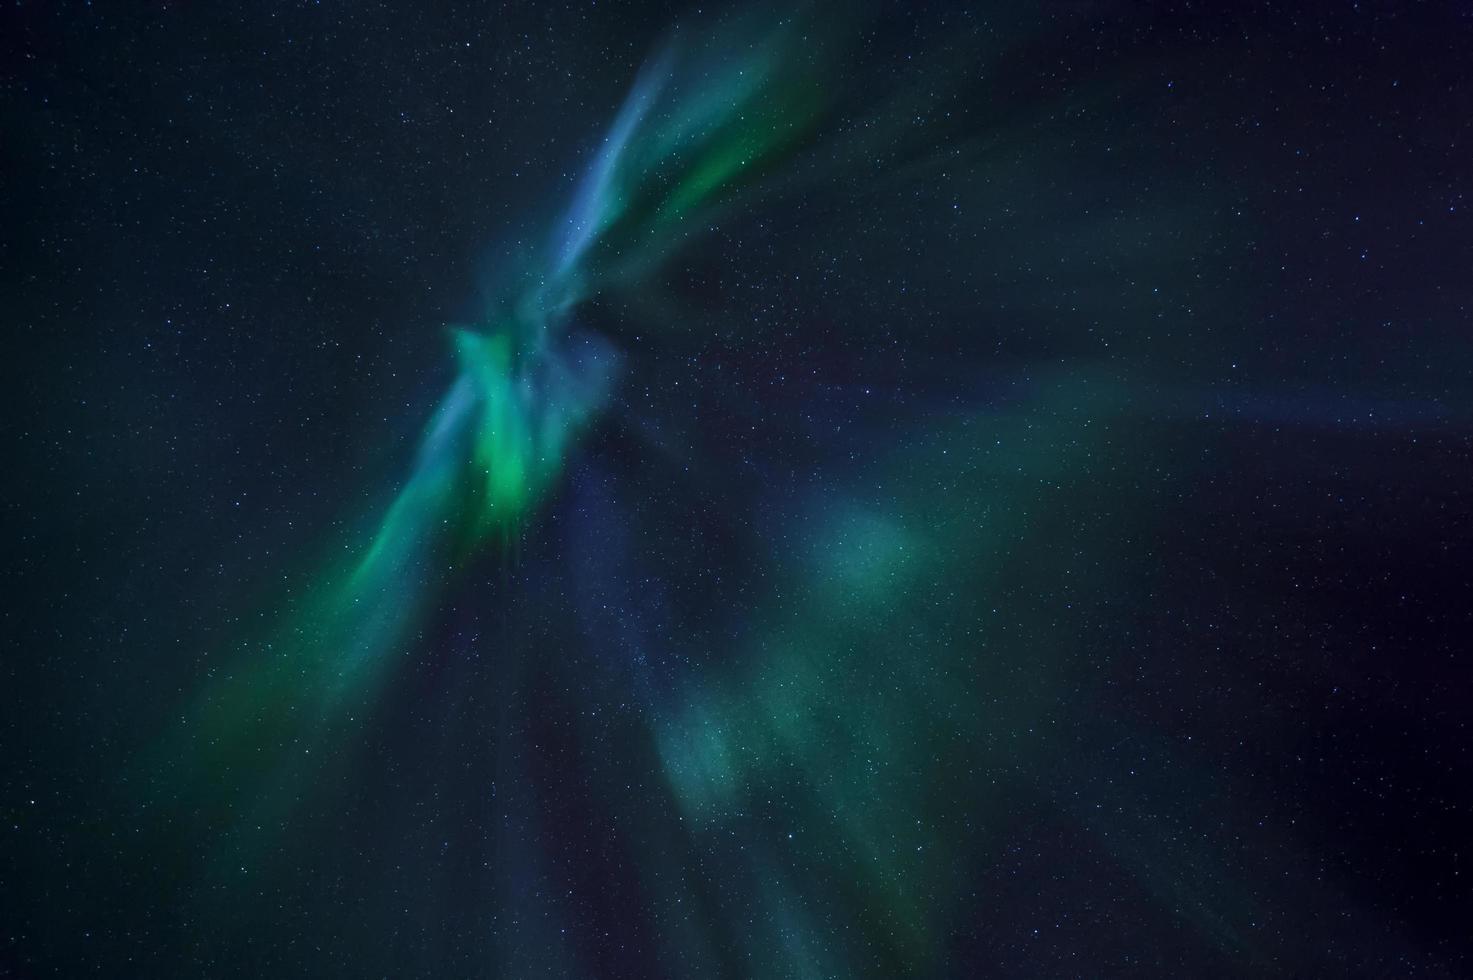 Aurora boreale luci nel cielo notturno foto